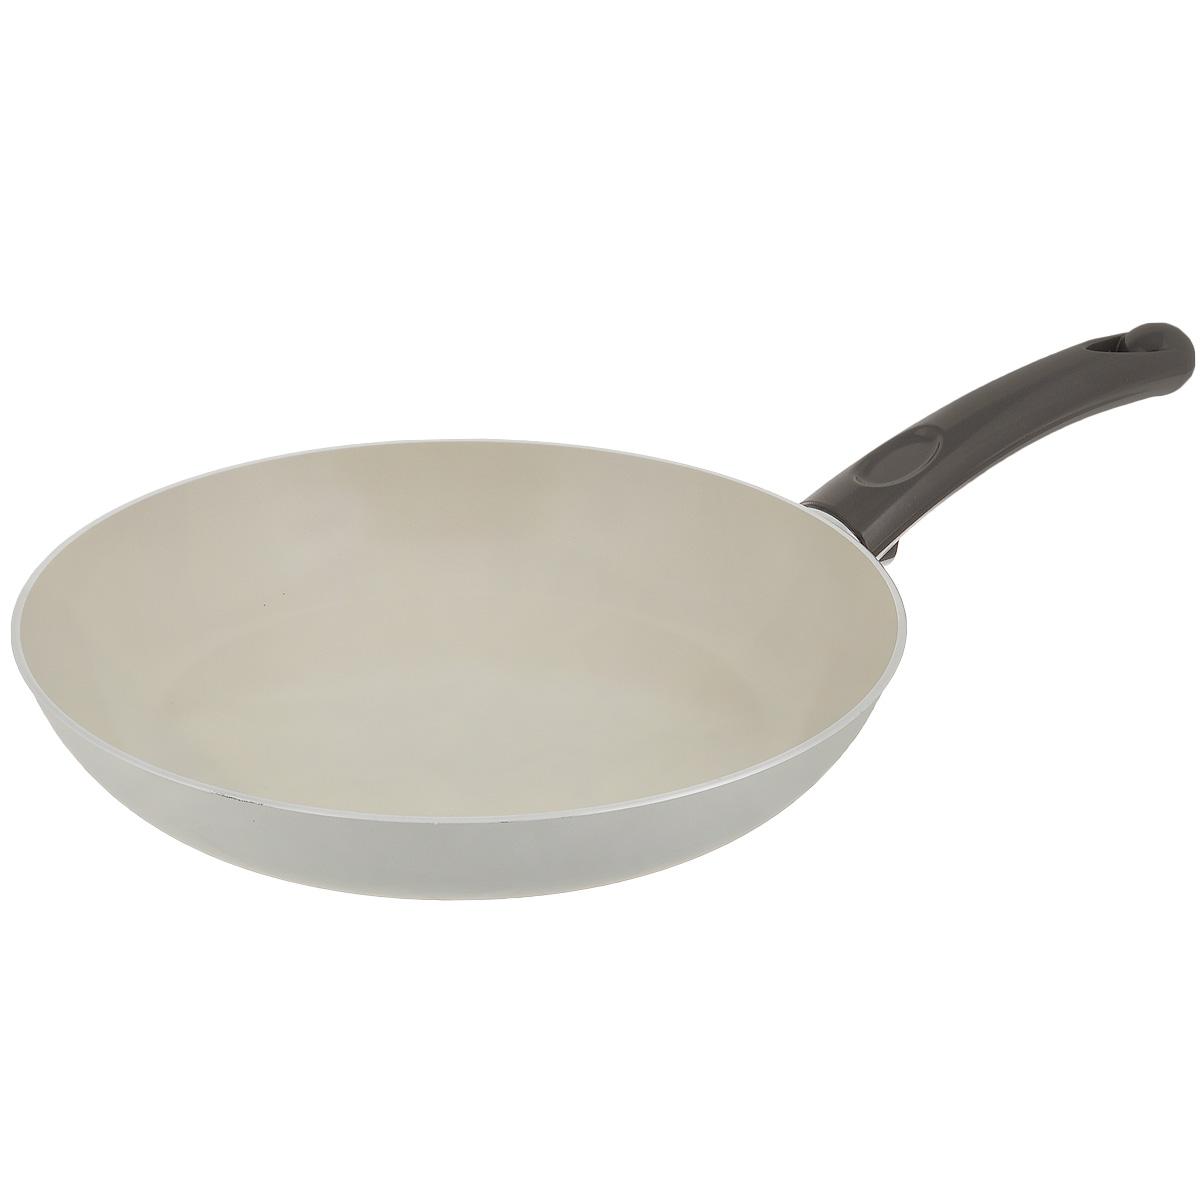 Сковорода TVS Bianca, с антипригарным покрытием, цвет: молочный. Диаметр 28 см4L104282916301Сковорода TVS Bianca выполнена из алюминия с внешним эмалированным покрытием молочного цвета и обладает превосходной теплопроводностью. Идеально подходит для жарки и тушения блюд. Внутреннее антипригарное керамическое покрытие Ceramit позволяет готовить пищу с минимальным количеством масла. Эргономичная ручка, изготовленная из бакелита, имеет плавные формы, которые подчеркивают стиль сковороды. Сковорода TVS Bianca изготовлена из экологичных материалов, что делает ее пригодной для приготовления пищи детям. Подходит для всех видов плит, кроме индукционных. Можно мыть в посудомоечной машине. Коллекция посуды Bianca - серия кухонной посуды с керамическим покрытием Ceramit. Отличается своей экологичностью и непревзойденной непористой гладкой антипригарной поверхностью молочного цвета. Компания TVS была основана в 1968 году. Основными принципами, которых придерживается компания, являются экологическая безопасность производства,...